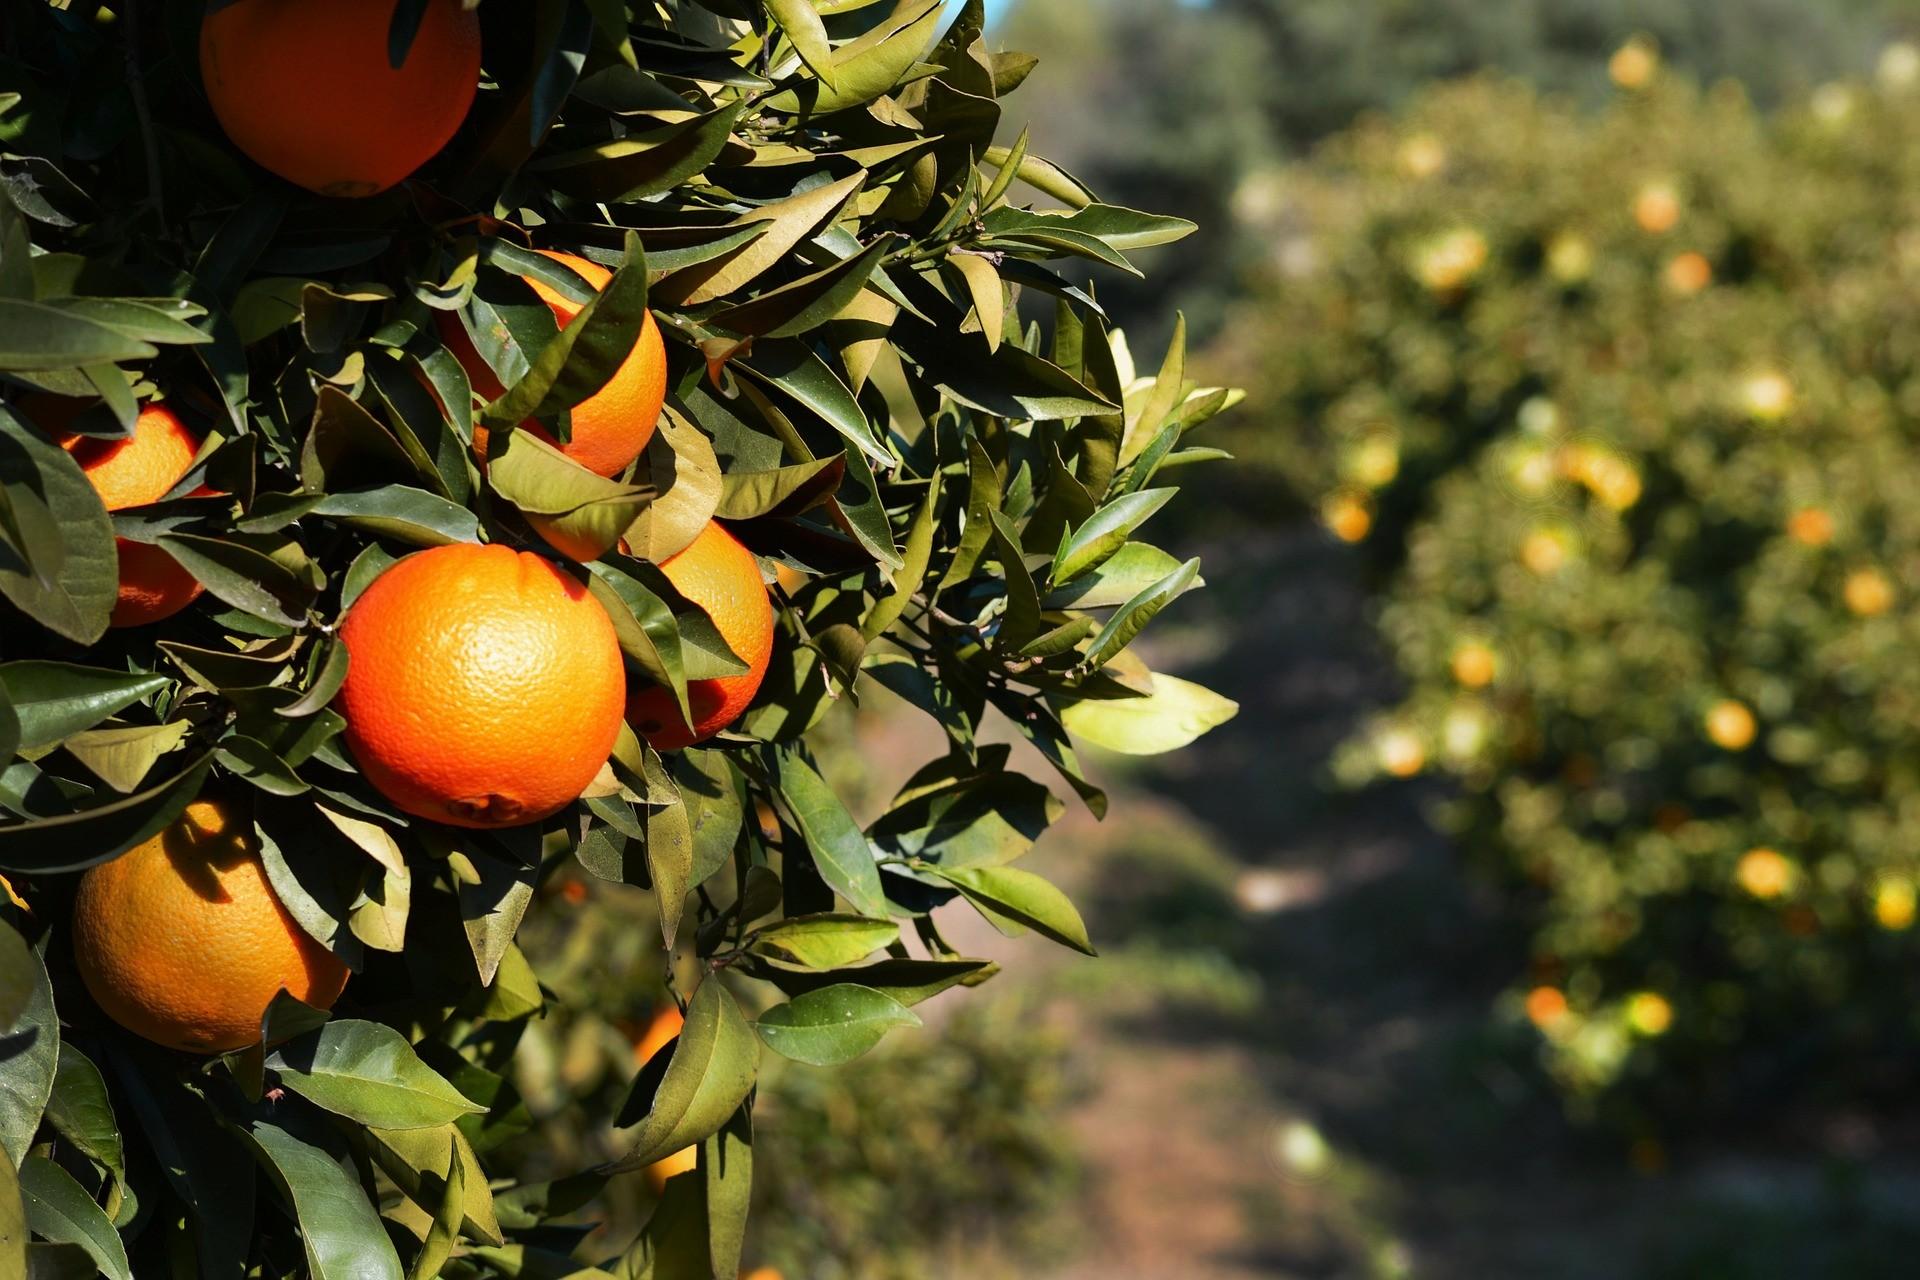 Spanje - Sinaasappels